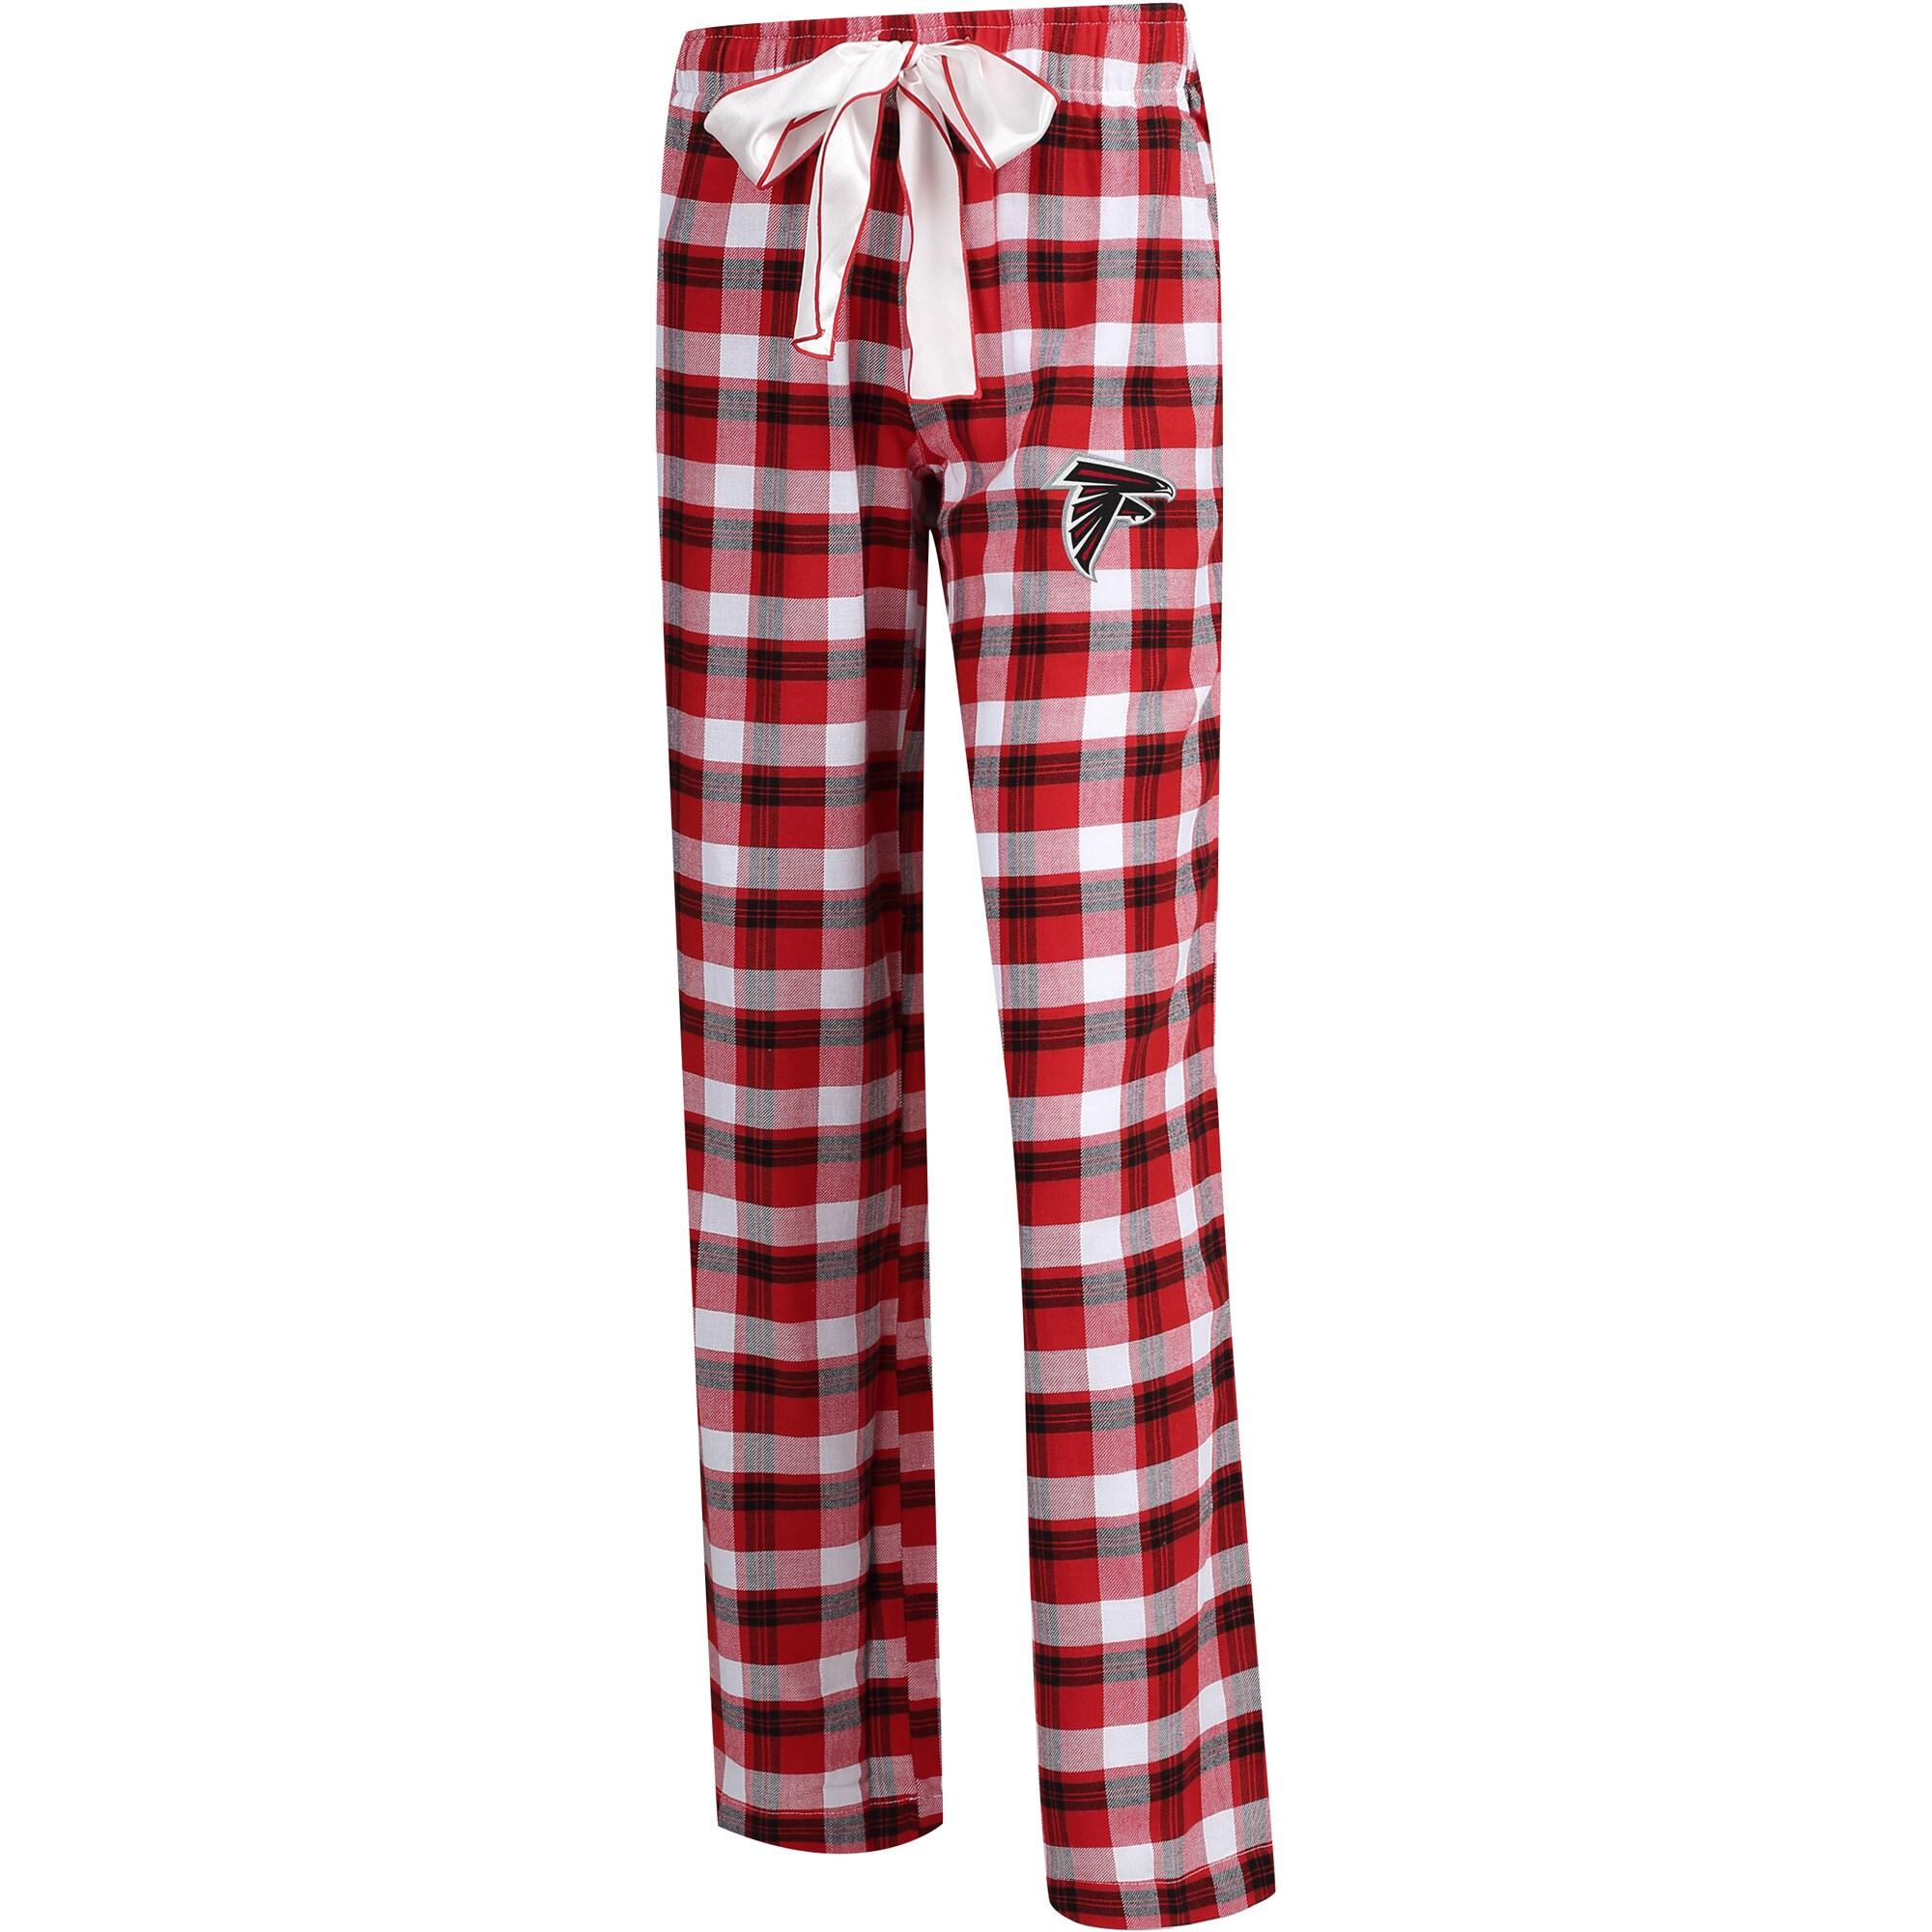 Atlanta Falcons Concepts Sport Women's Plus Size Piedmont Flannel Sleep Pants - Red/Black